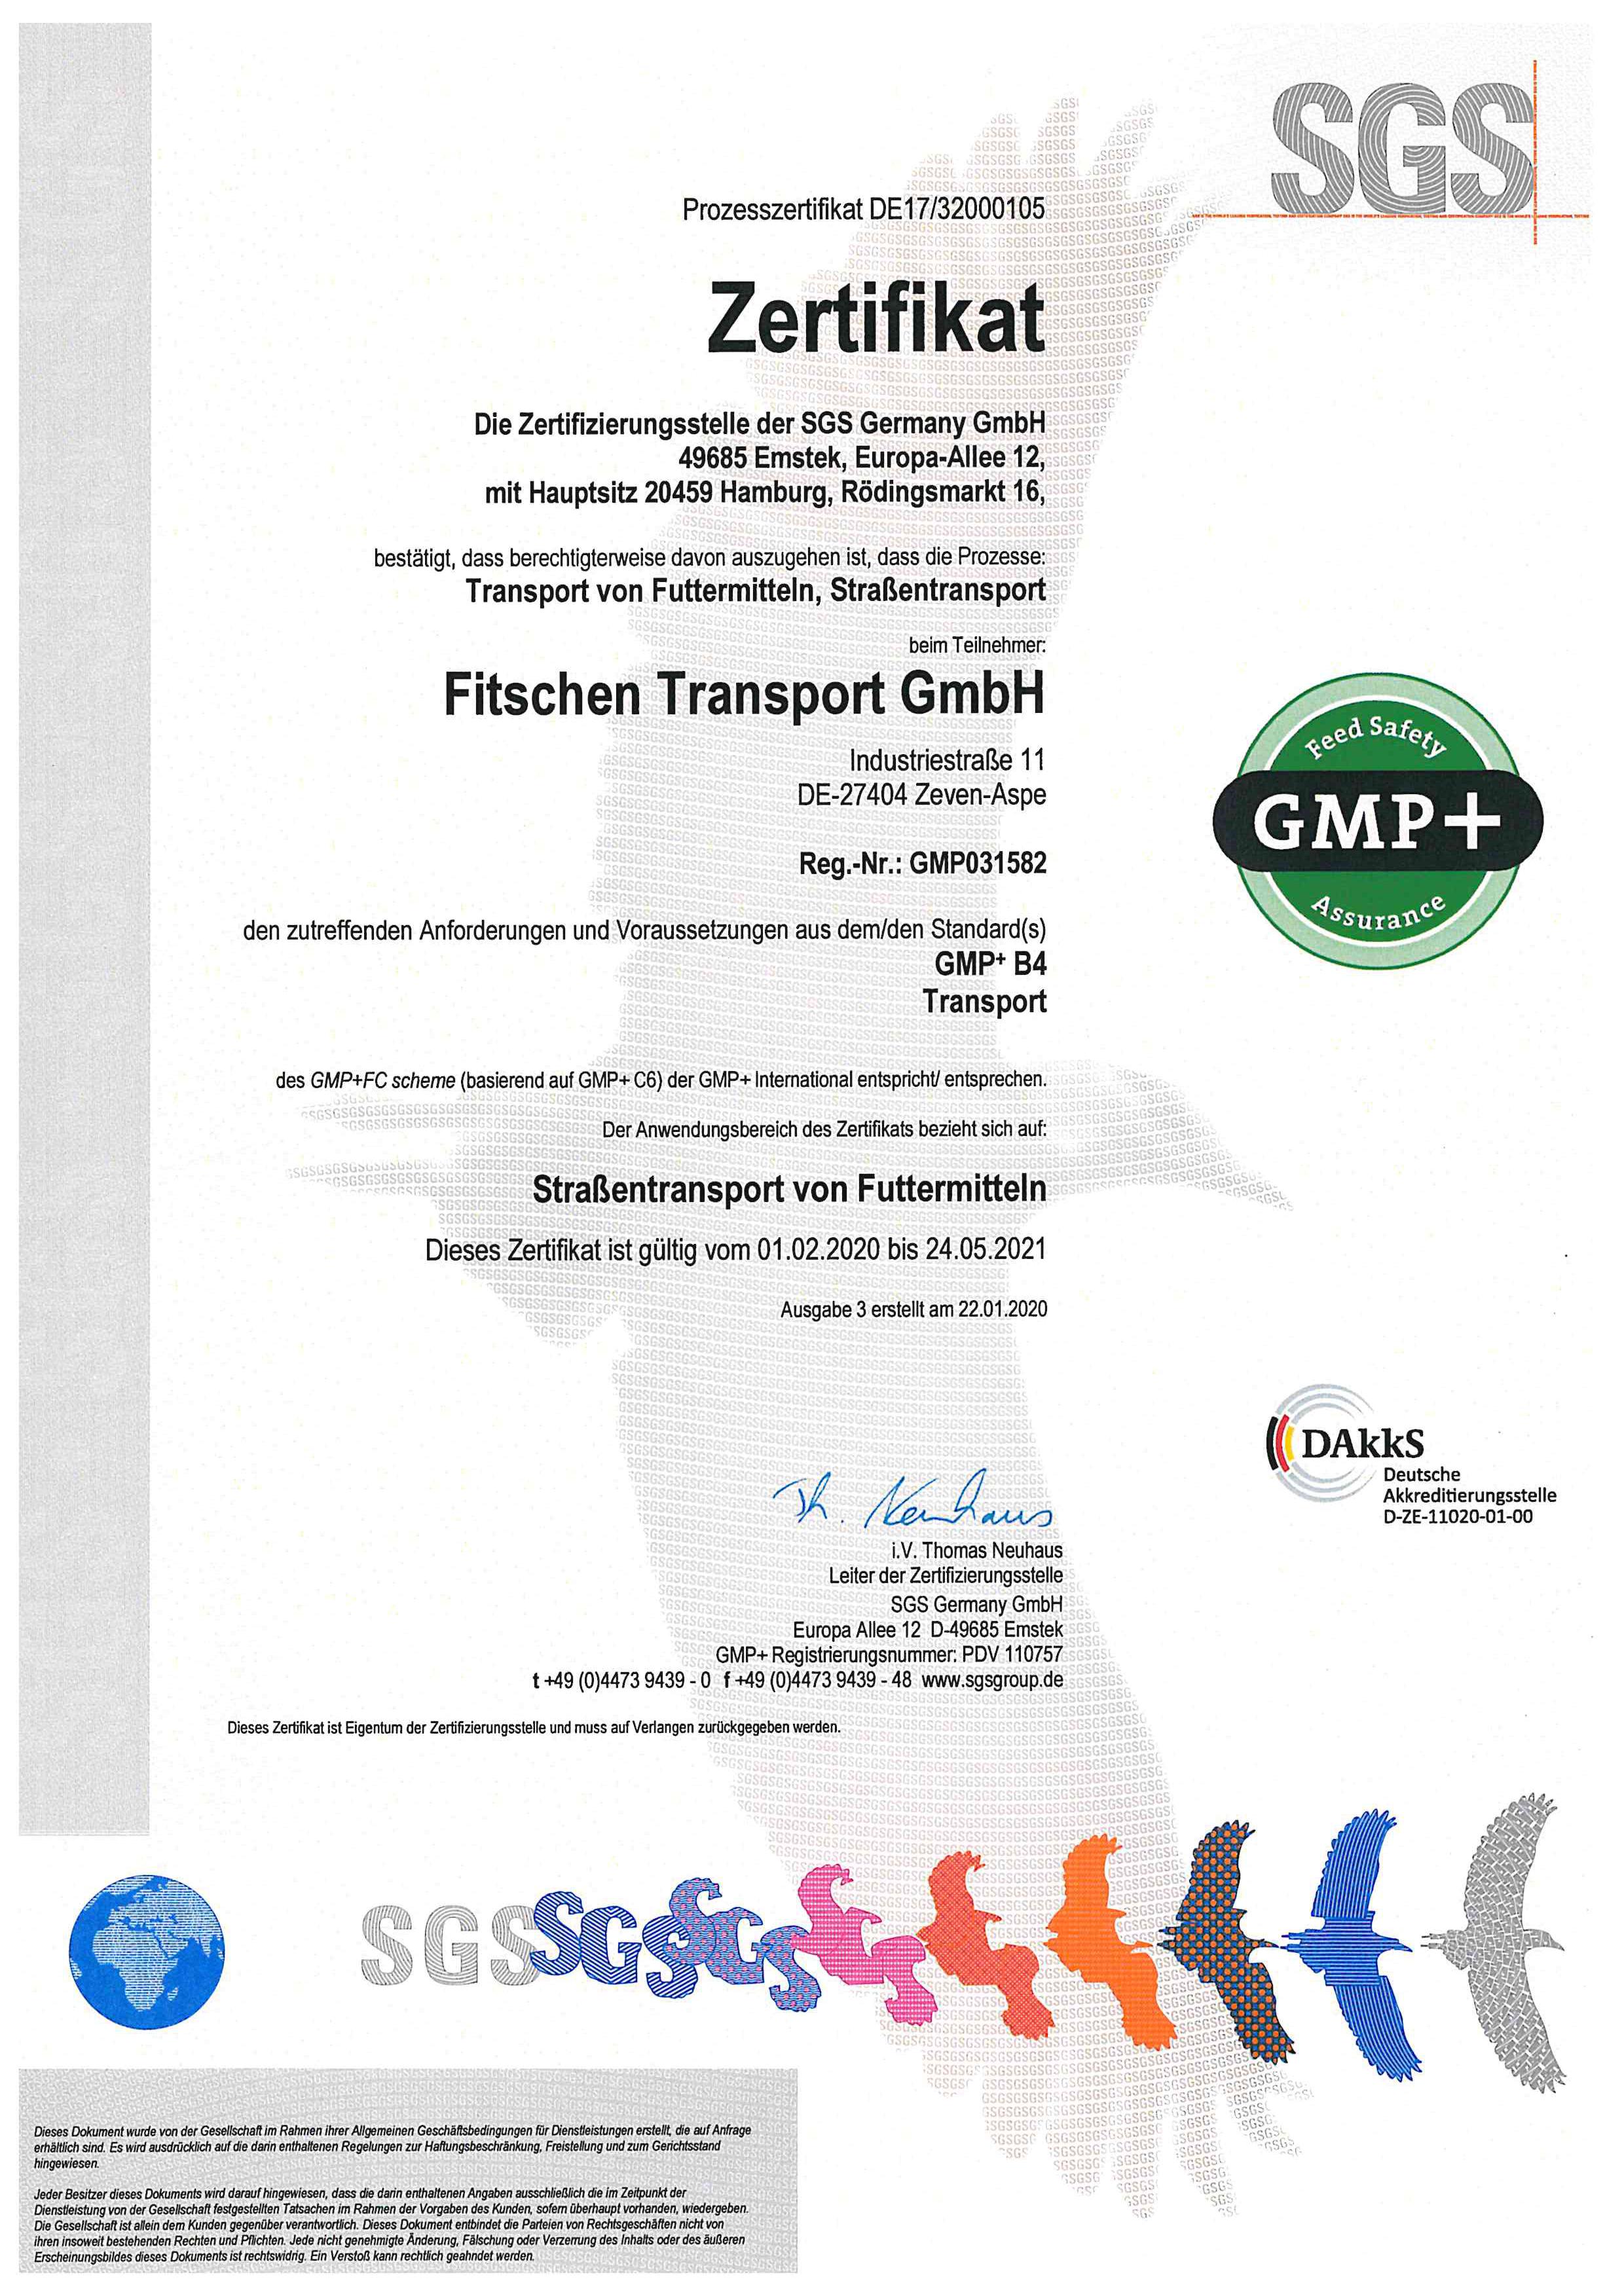 GMP Zertifikat Fitschen Transport GmbH